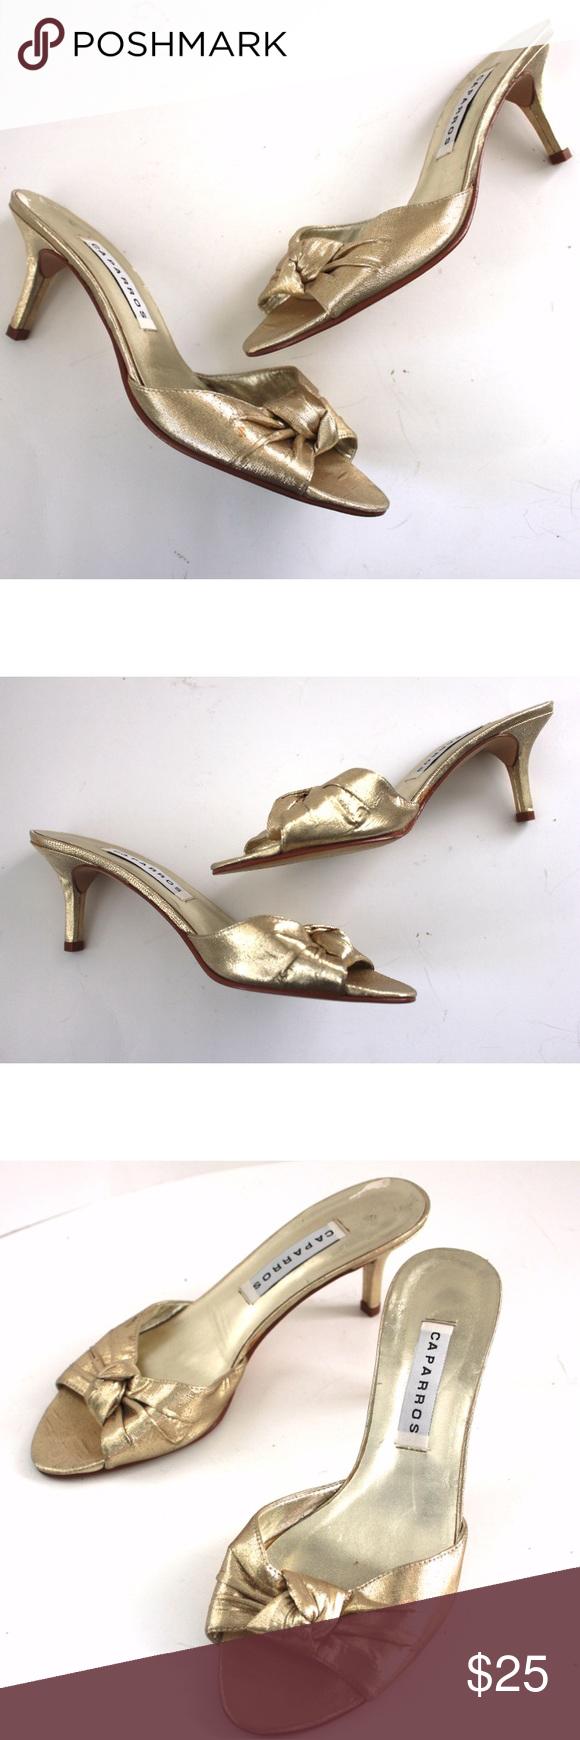 Metallic Gold Knotted Open Toe Mule Kitten Heel Kitten Heels Heels Open Toe Mules